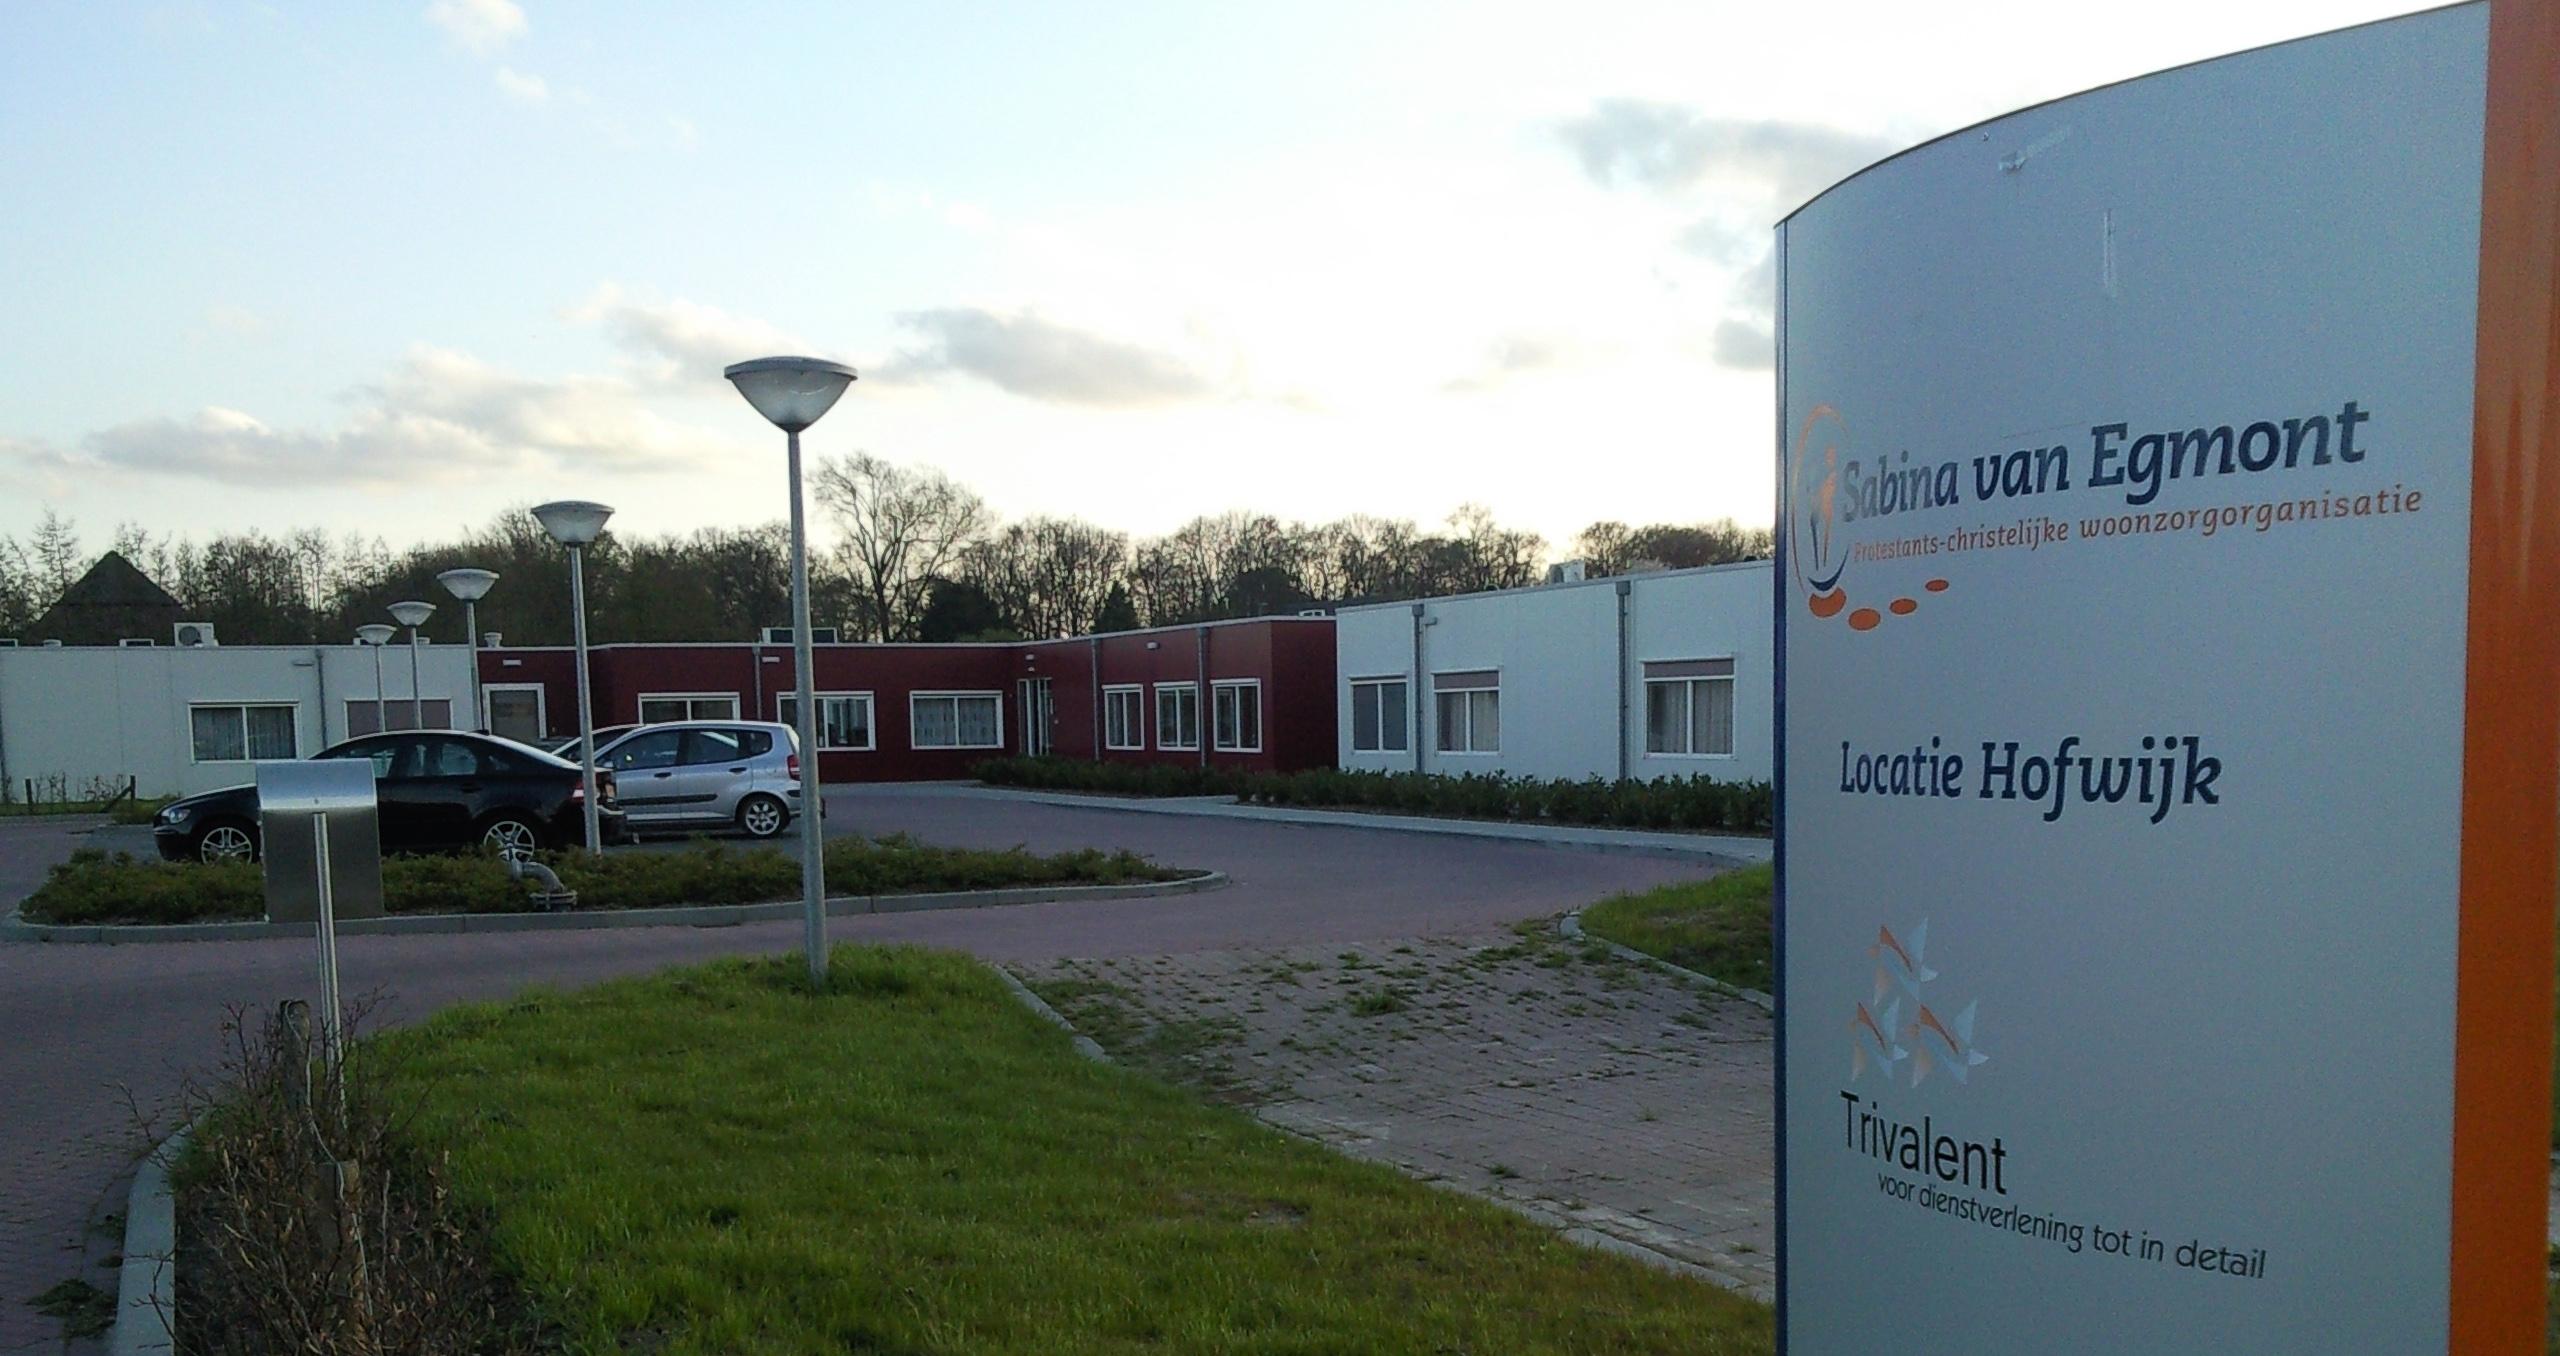 zorg-vastgoed-hofwijk-zorgwaard